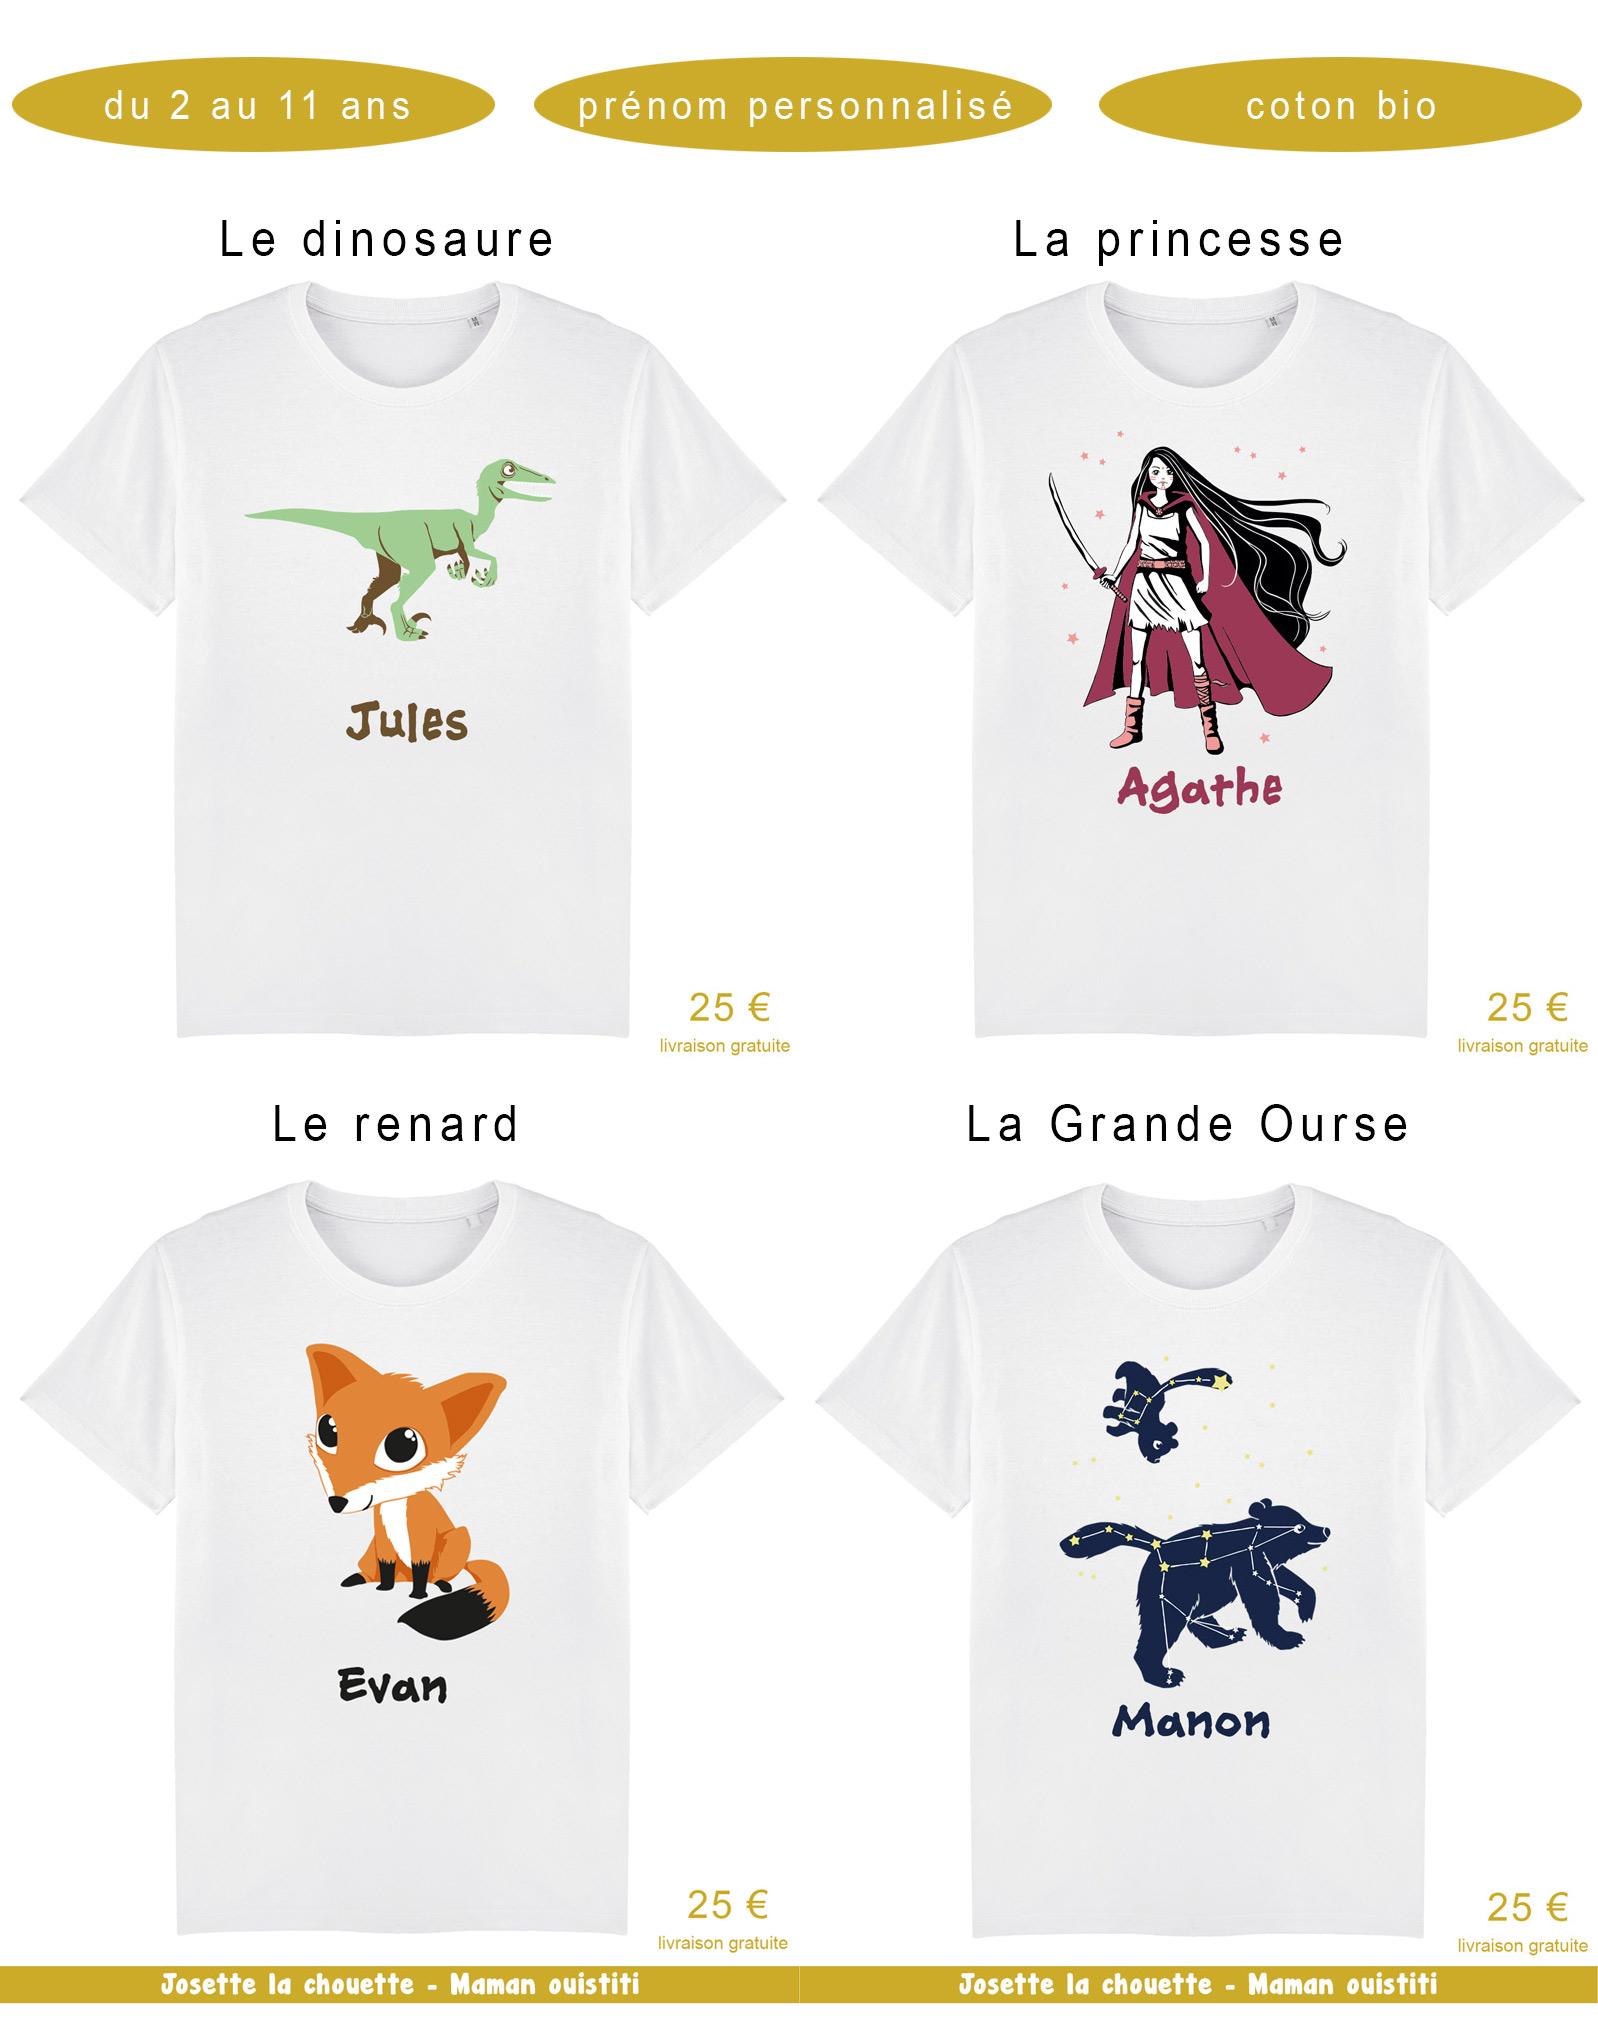 Tshirts - Josette la chouette - personnalisation